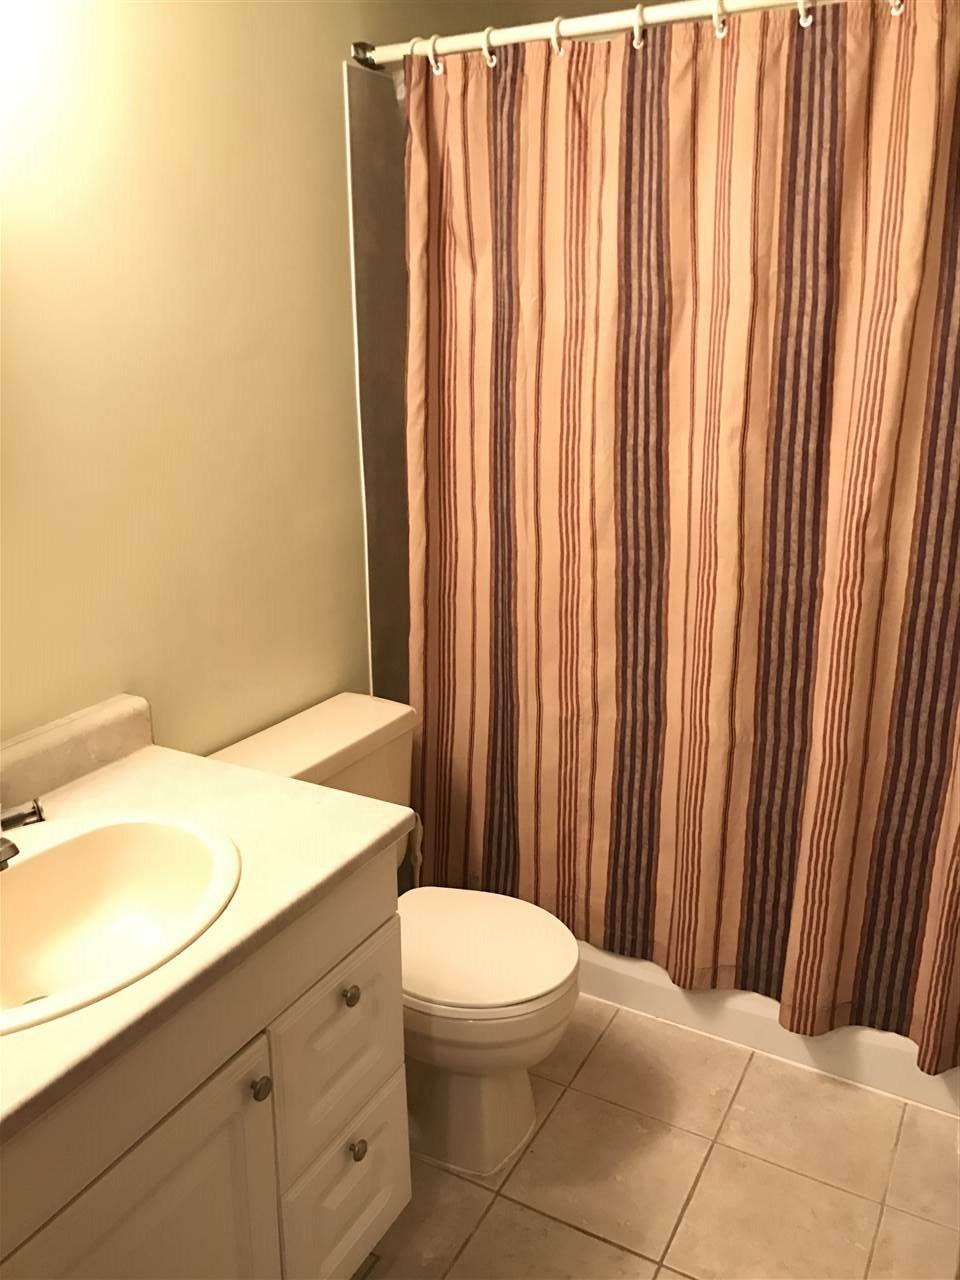 Condo Apartment at 1 450 ESPLANADE AVENUE, Unit 1, Harrison Hot Springs, British Columbia. Image 9